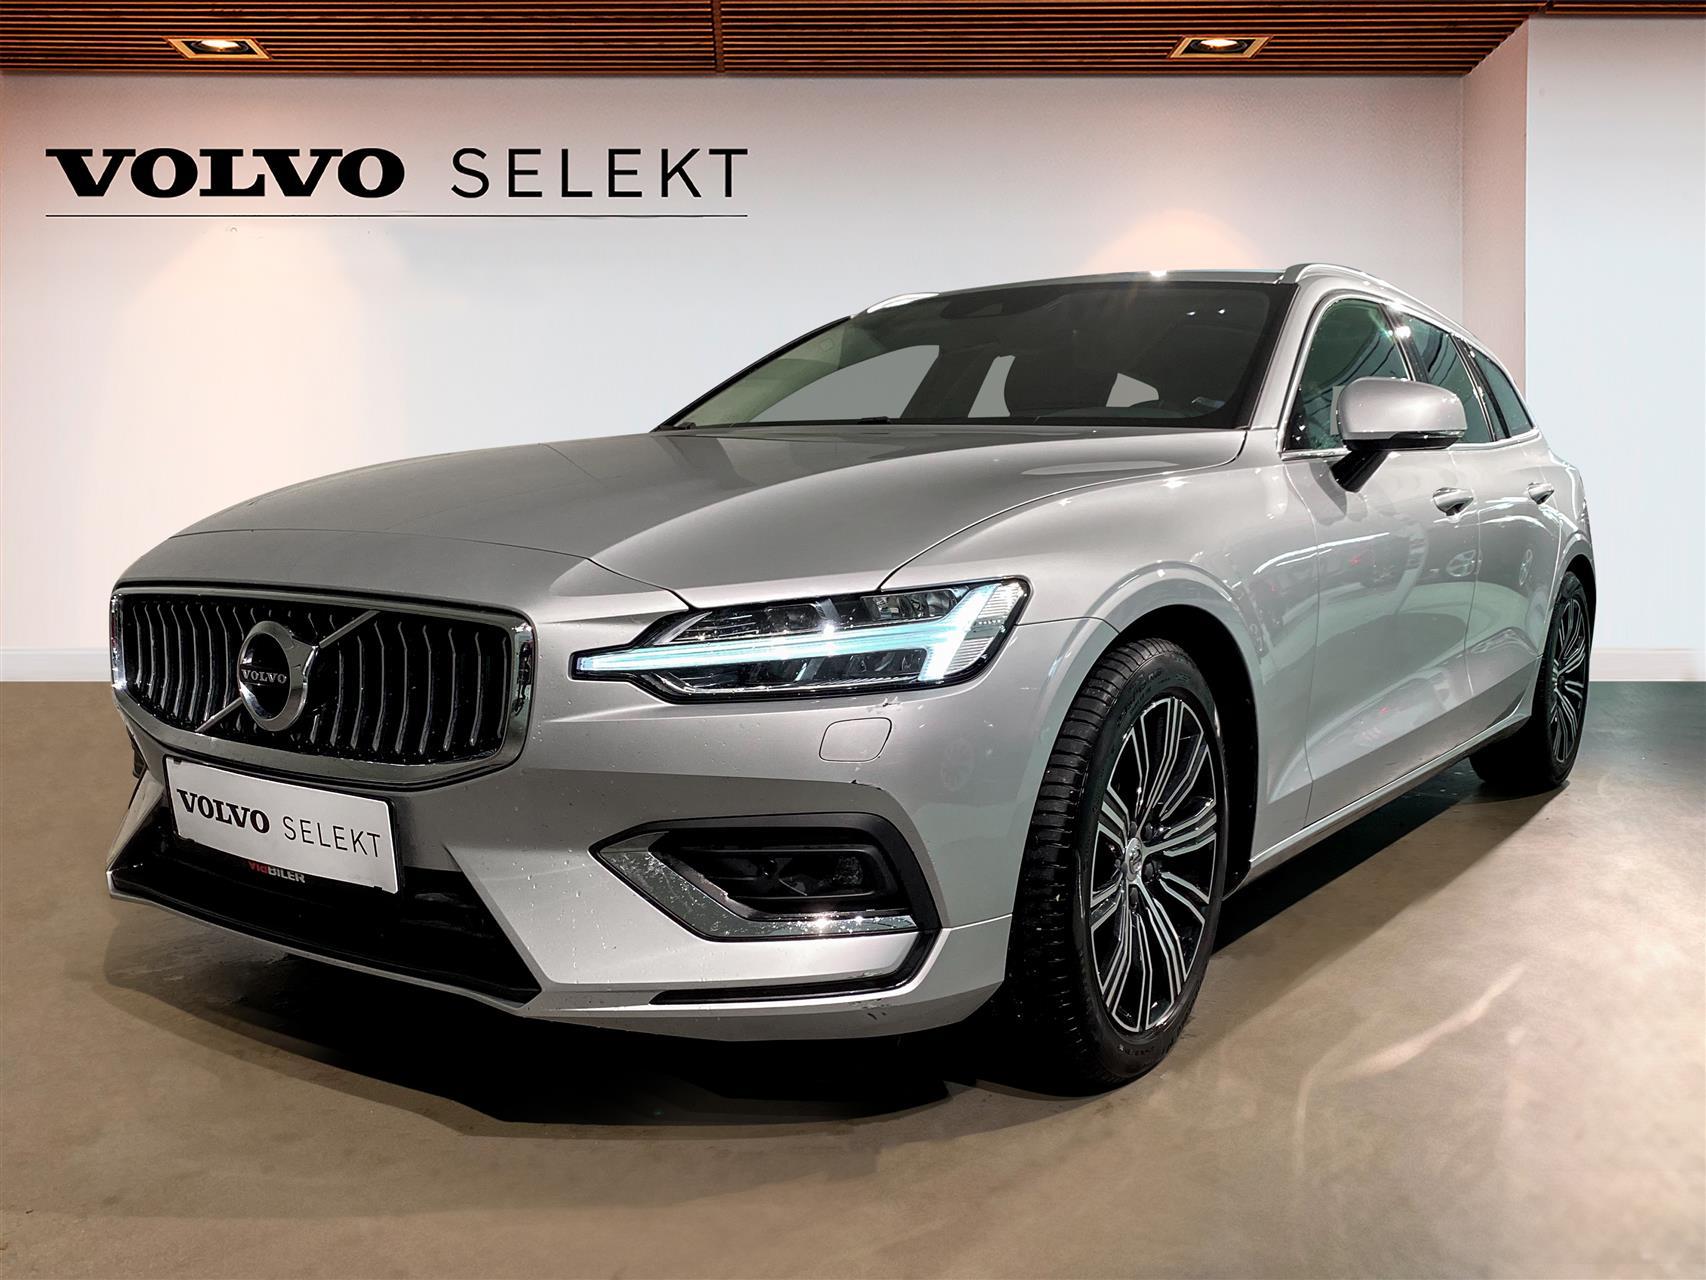 Billede af Volvo V60 2,0 T5 Inscription 250HK Stc 8g Aut.